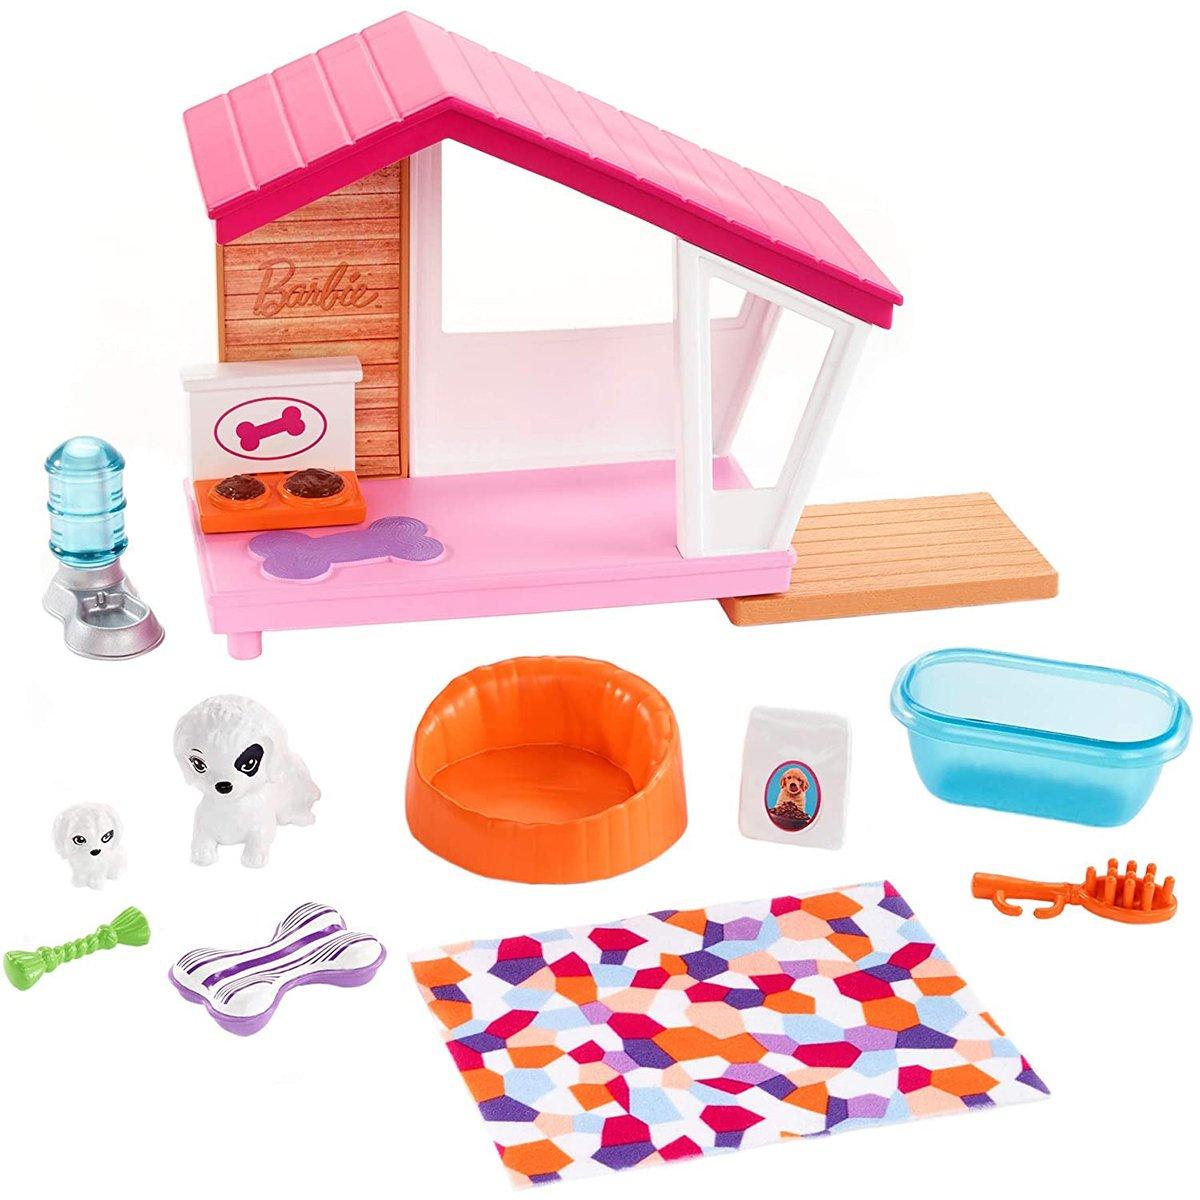 Set de joaca Barbie, Mobilier si accesorii pentru catel, FXG34